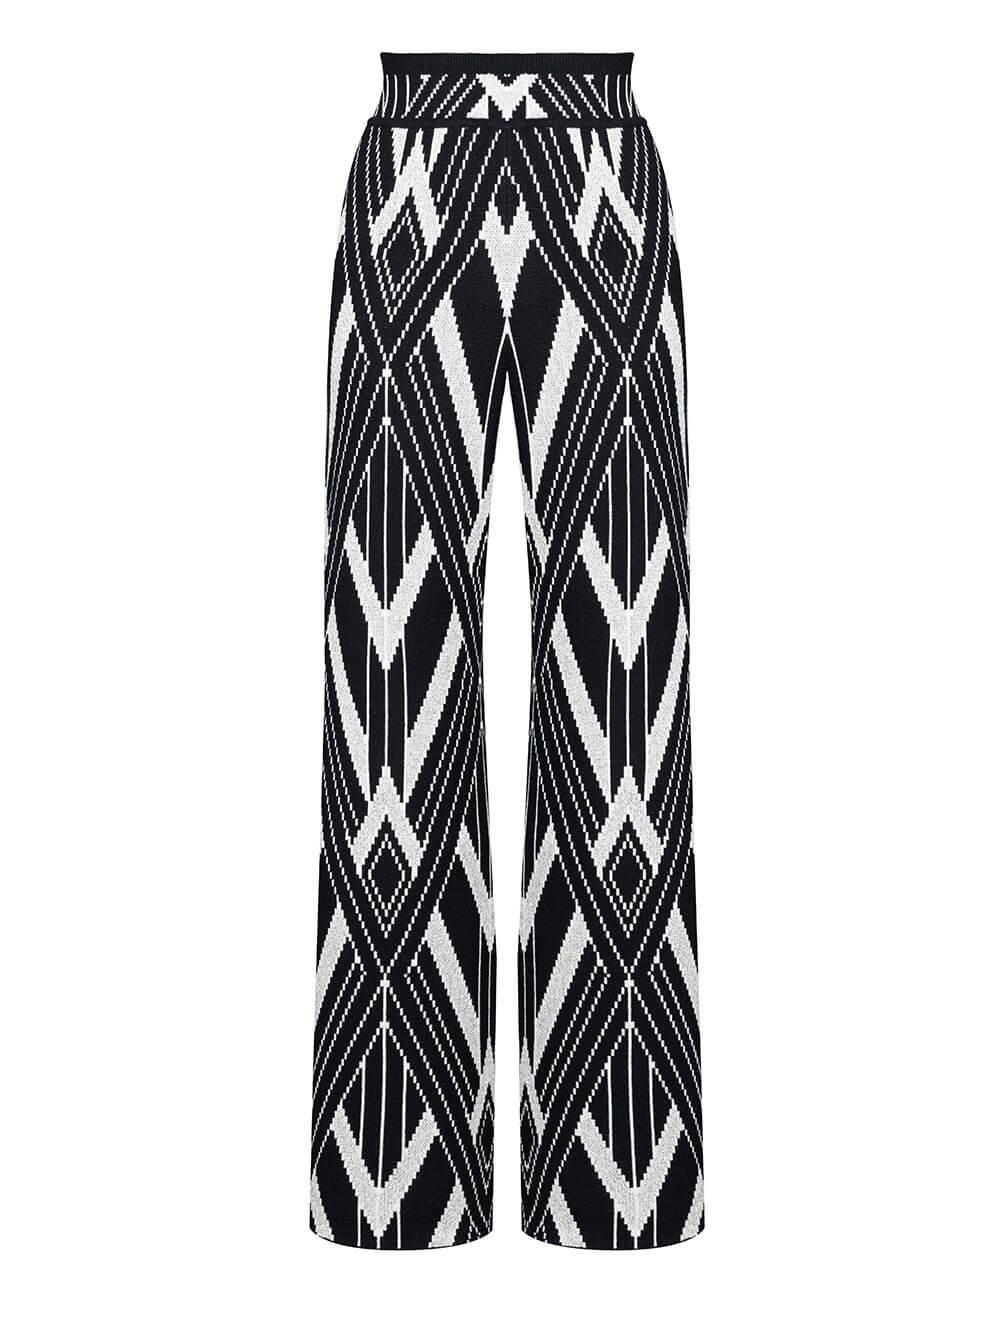 Женские брюки черного цвета из шелка и кашемира - фото 1